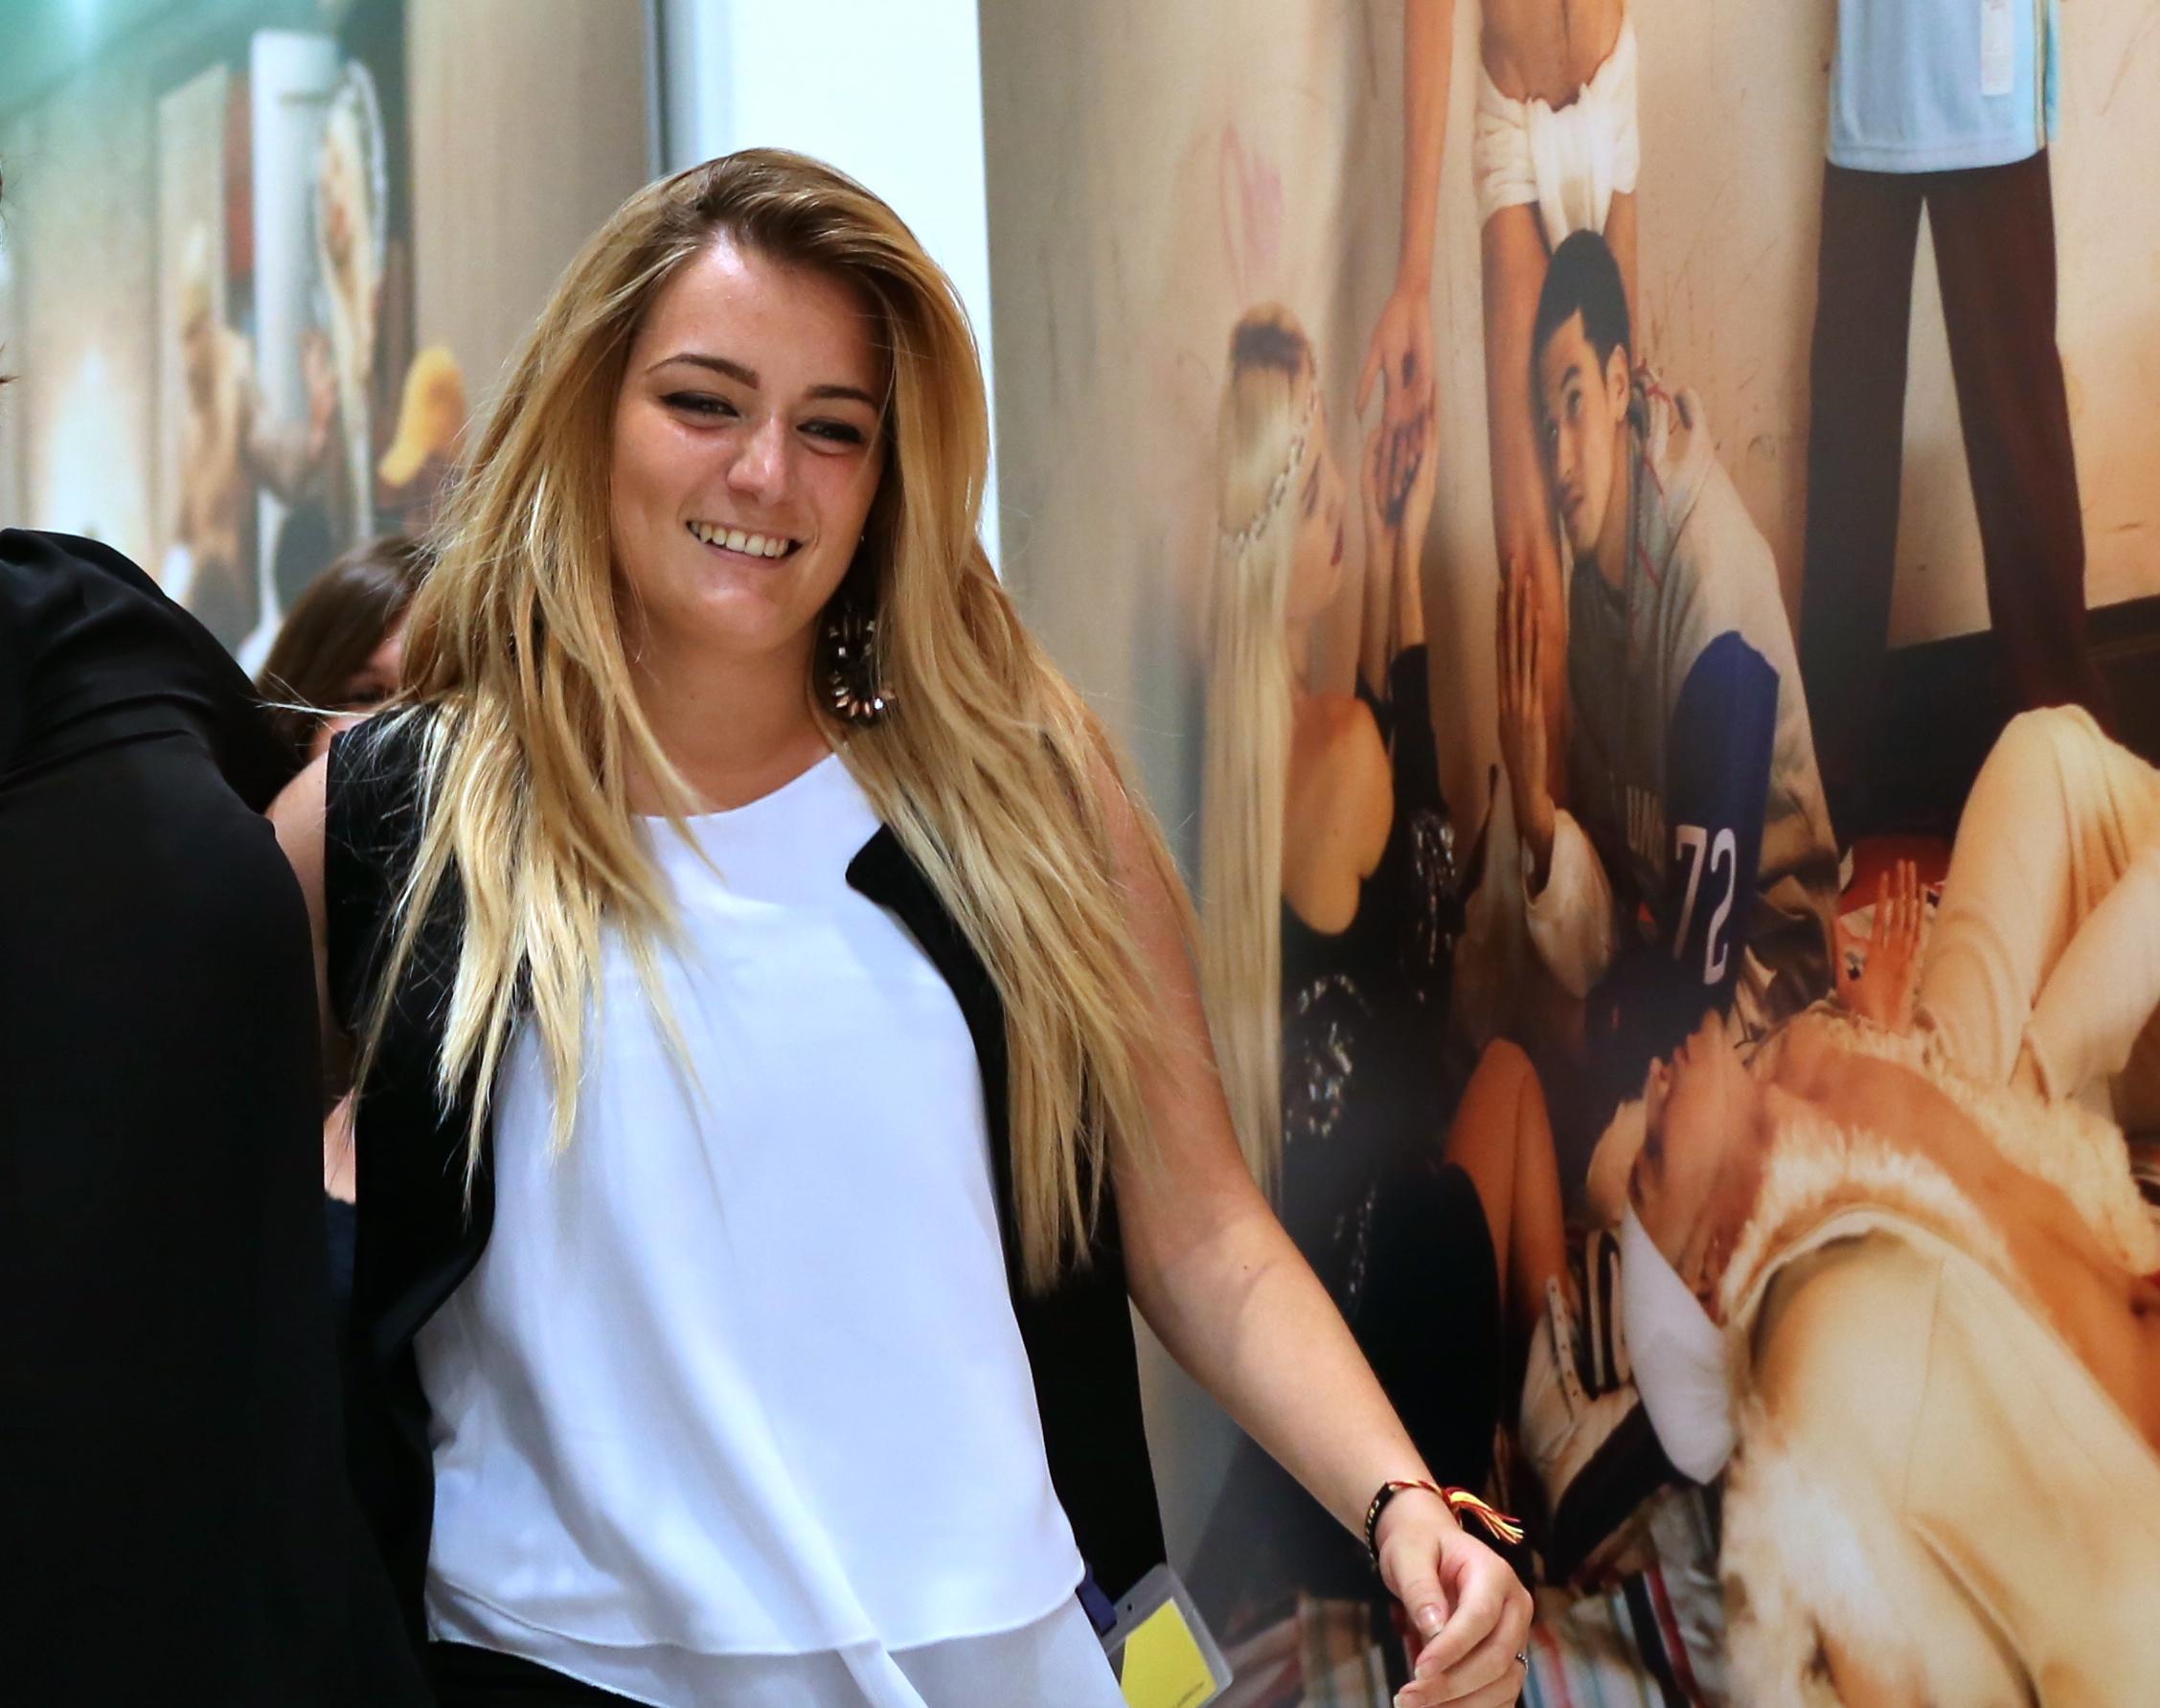 新华社照片,罗马,2015年7月7日   (锐视角)(2)欧洲设计学院毕业生和她们的毕业时装秀   7月6日,在意大利罗马展览宫,弗朗西斯卡在时装秀结束后亮相。弗朗西斯卡设计的参展作品是睡衣。她家从1920年起经营一家睡衣店。她毕业后准备到其他品牌公司取经,再经营自己家的店铺,或者创立品牌。   当日,欧洲设计学院服装设计系毕业作品秀在罗马展览宫举行,作品秀共展示29名毕业生的42套时装作品。欧洲设计学院成立于1966年,除在意大利罗马、米兰、都灵等7个城市设有学校外,还在西班牙马德里、巴塞罗那等地设